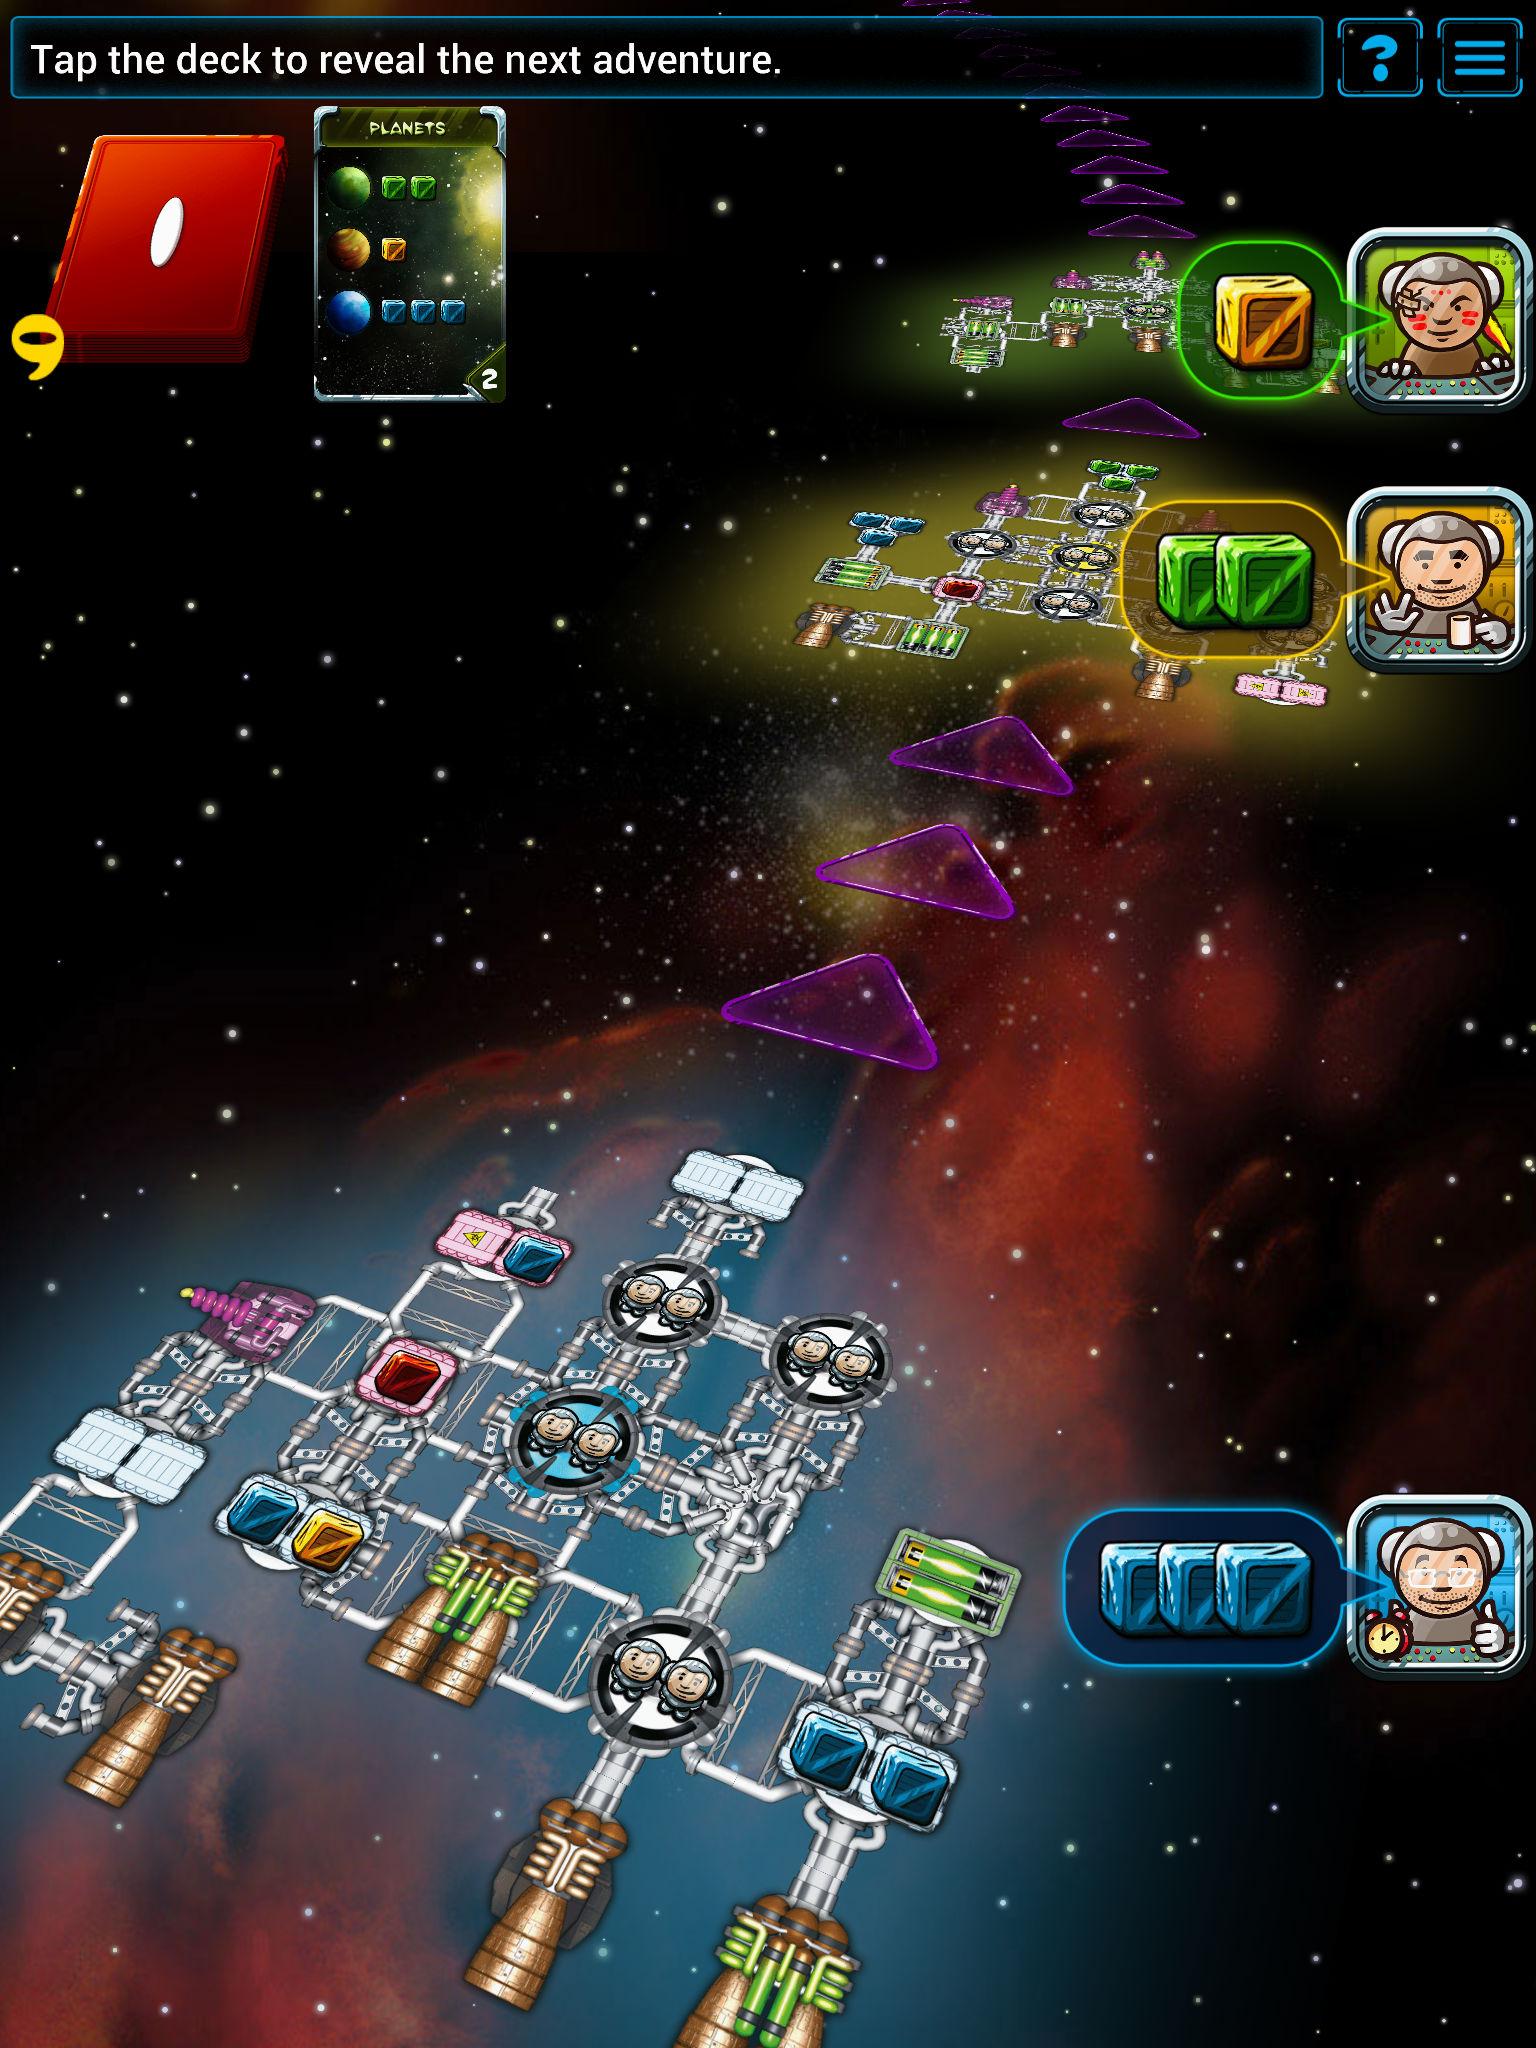 Galaxy Trucker Android,iPhone,iPad, screenshot 2